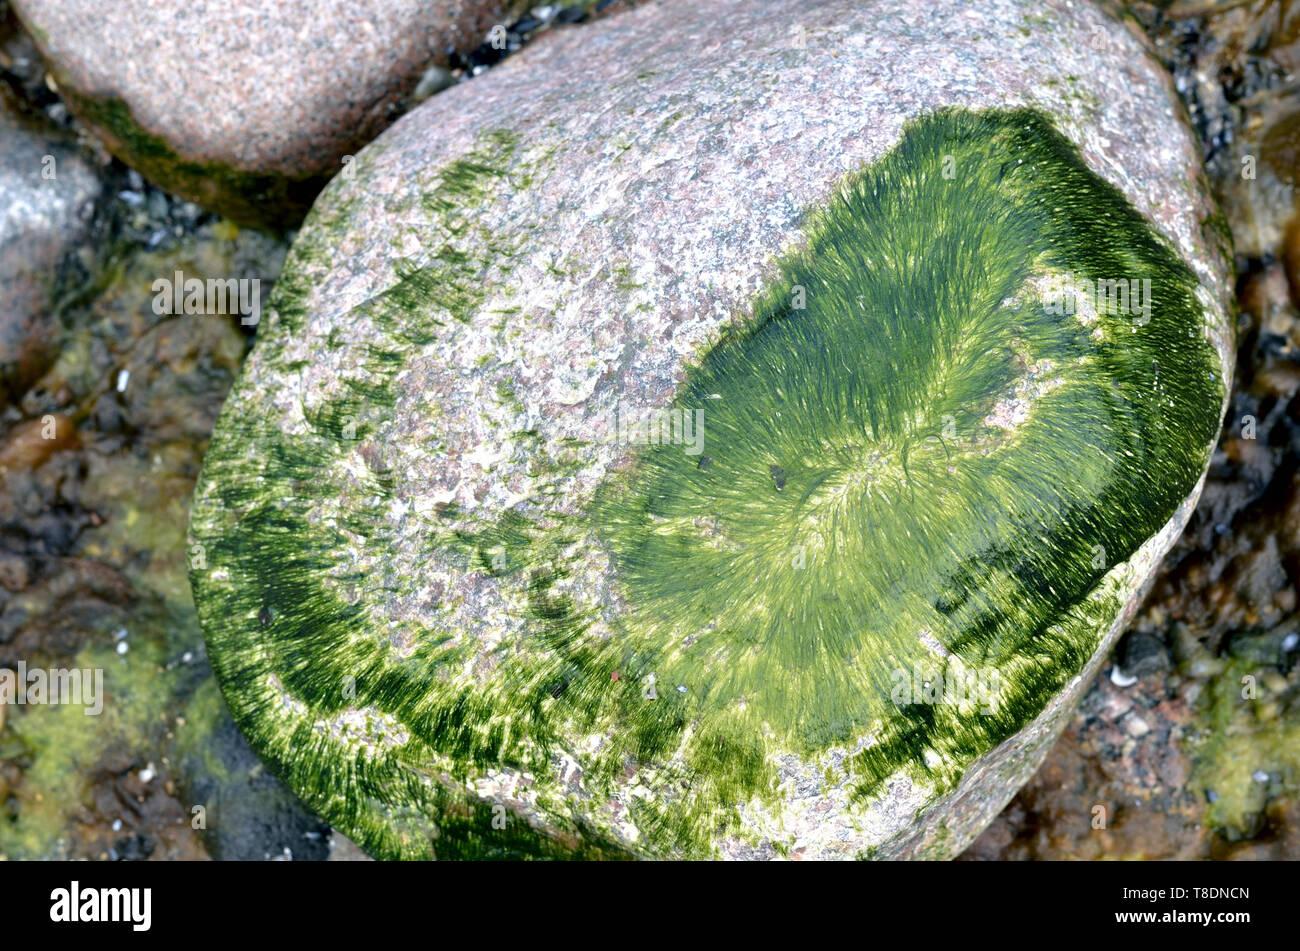 Pierre dans l'eau recouverte d'algues vertes Banque D'Images